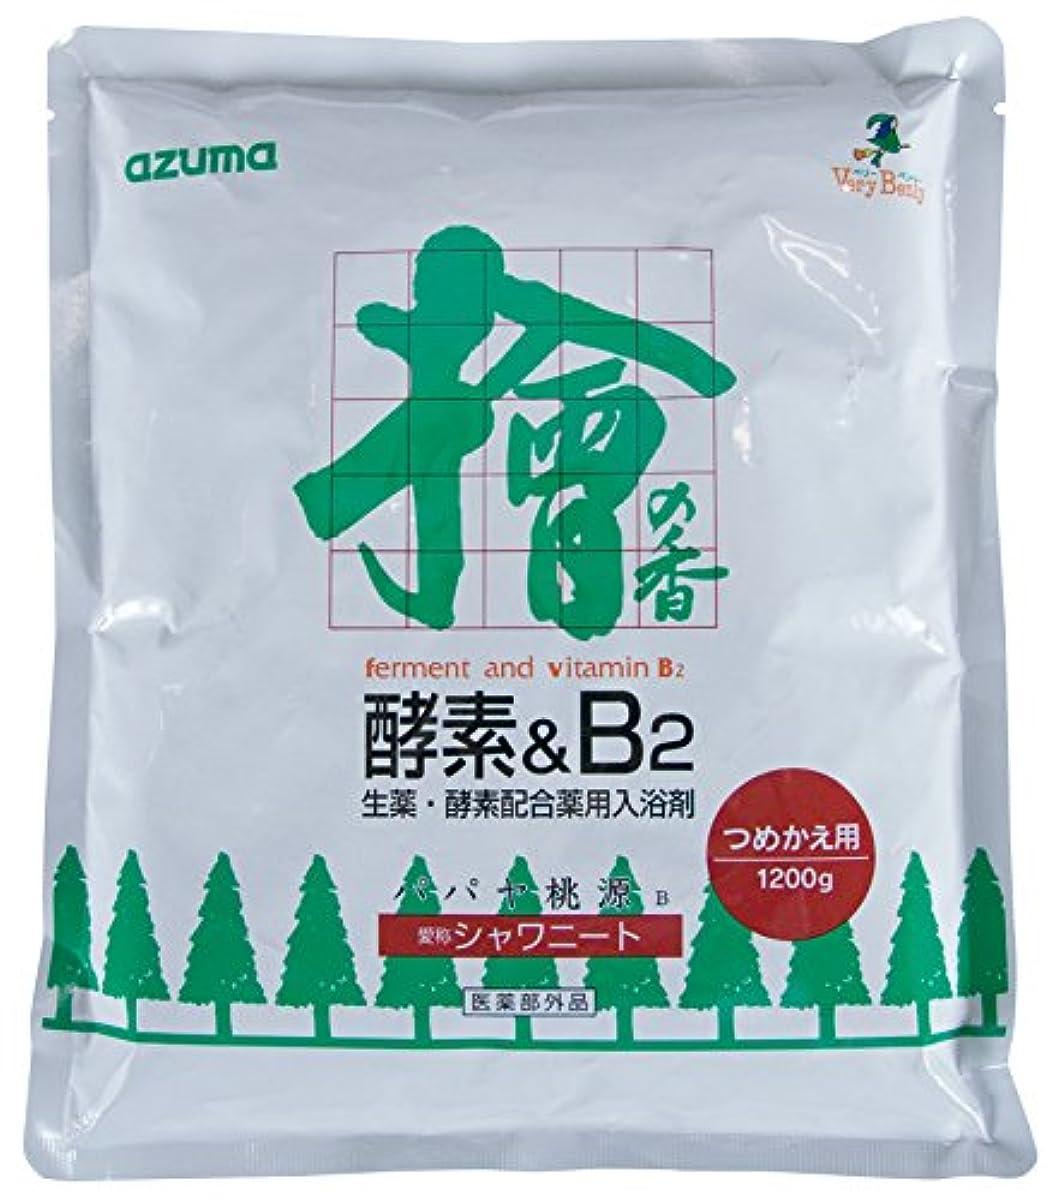 うまくいけば荒らす日没アズマ 『入浴剤』 生薬&酵素配合 TK ヒノキの香り シャワニート つめかえ用 1200g